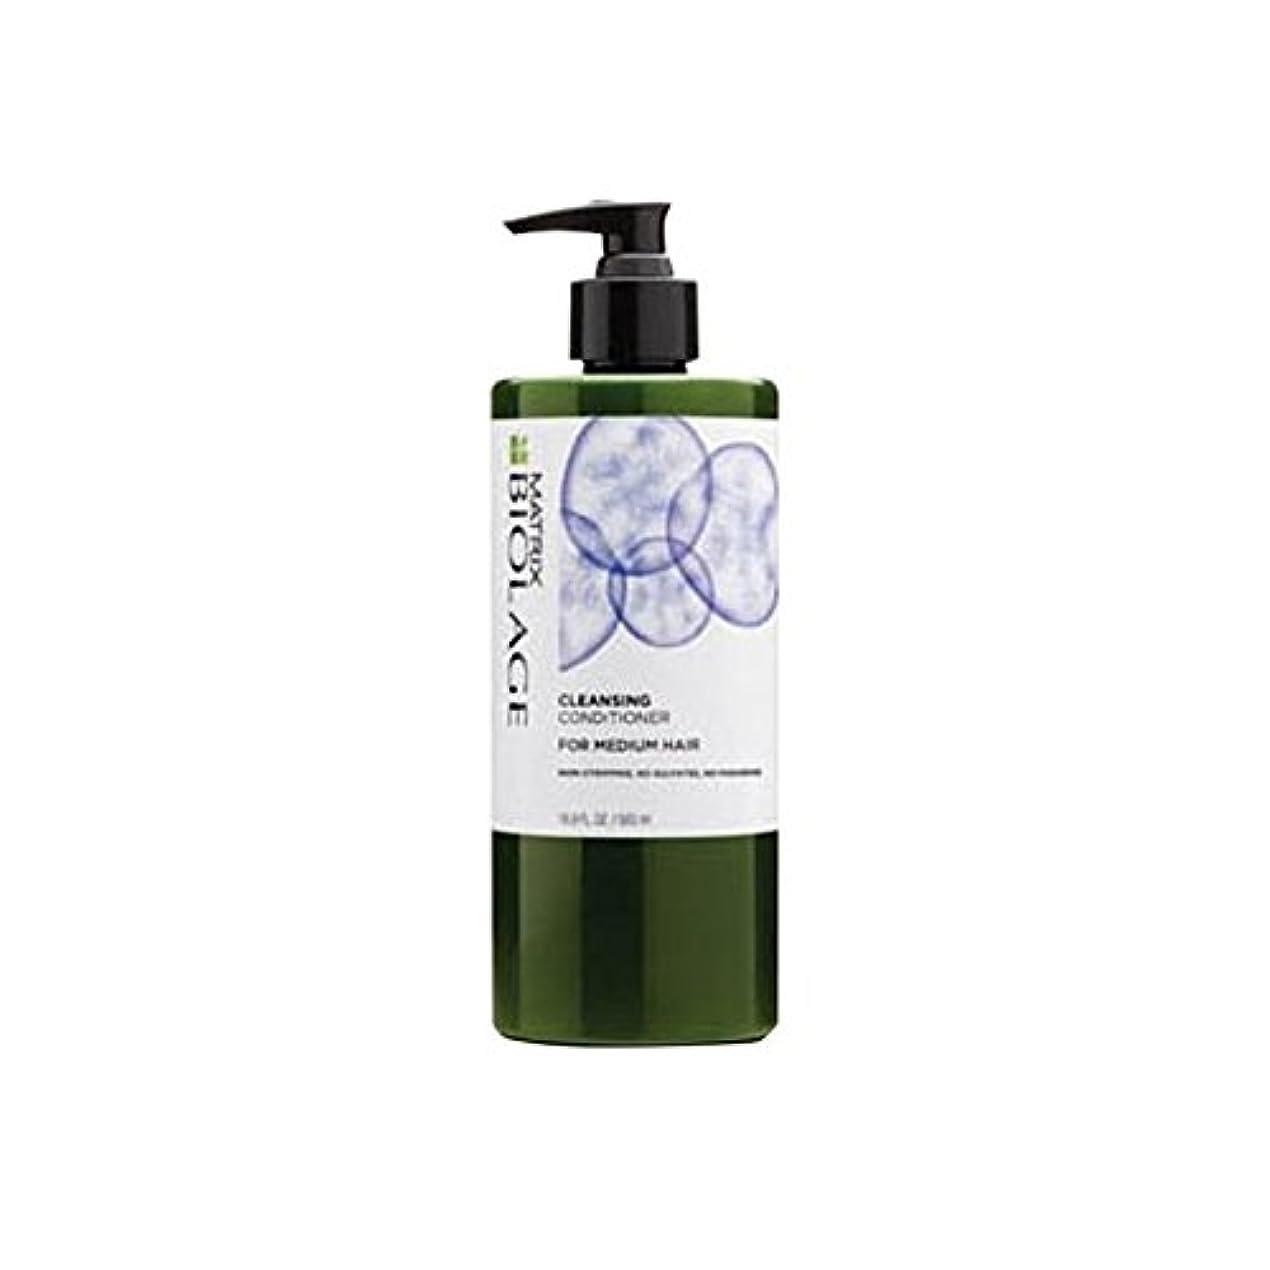 和解するビデオ試みマトリックスバイオレイジクレンジングコンディショナー - メディア髪(500ミリリットル) x4 - Matrix Biolage Cleansing Conditioner - Medium Hair (500ml) (Pack of 4) [並行輸入品]